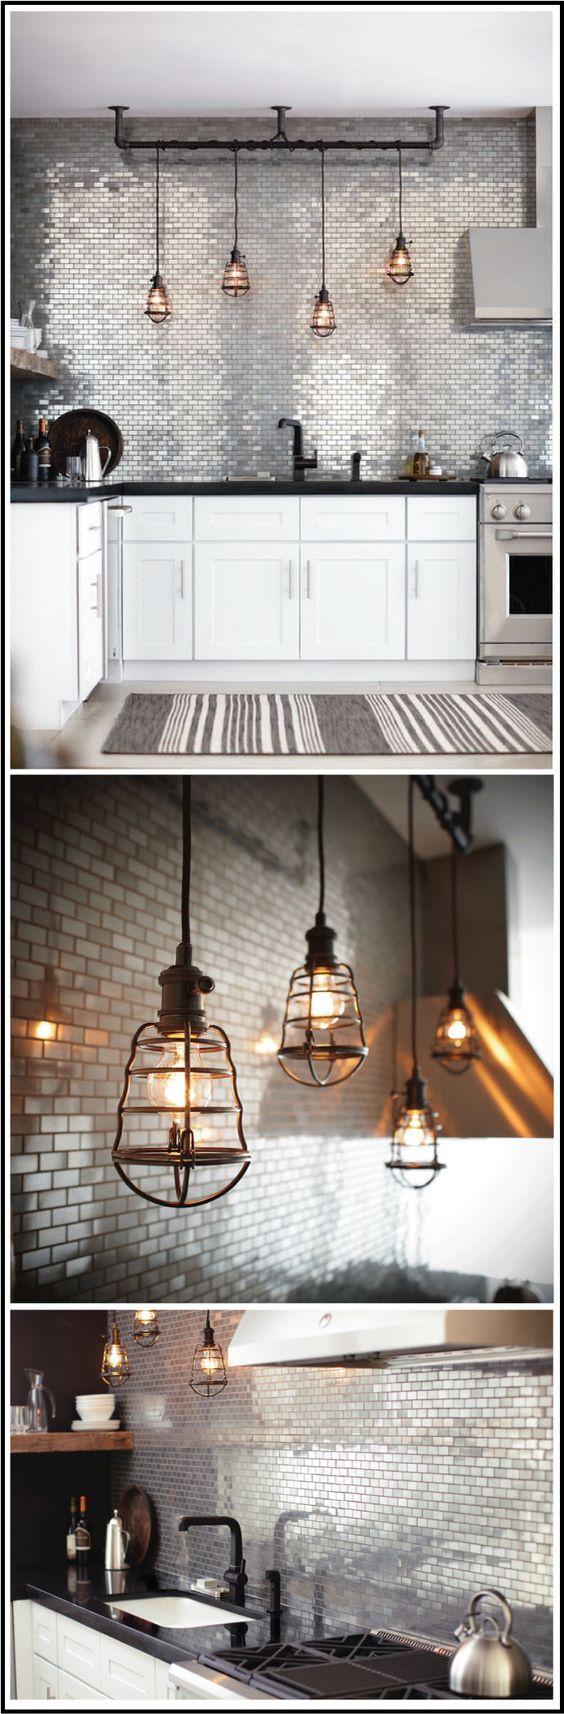 Küchenideen aus kupfer die  besten bilder zu saloncuisine décor auf pinterest  cornwall